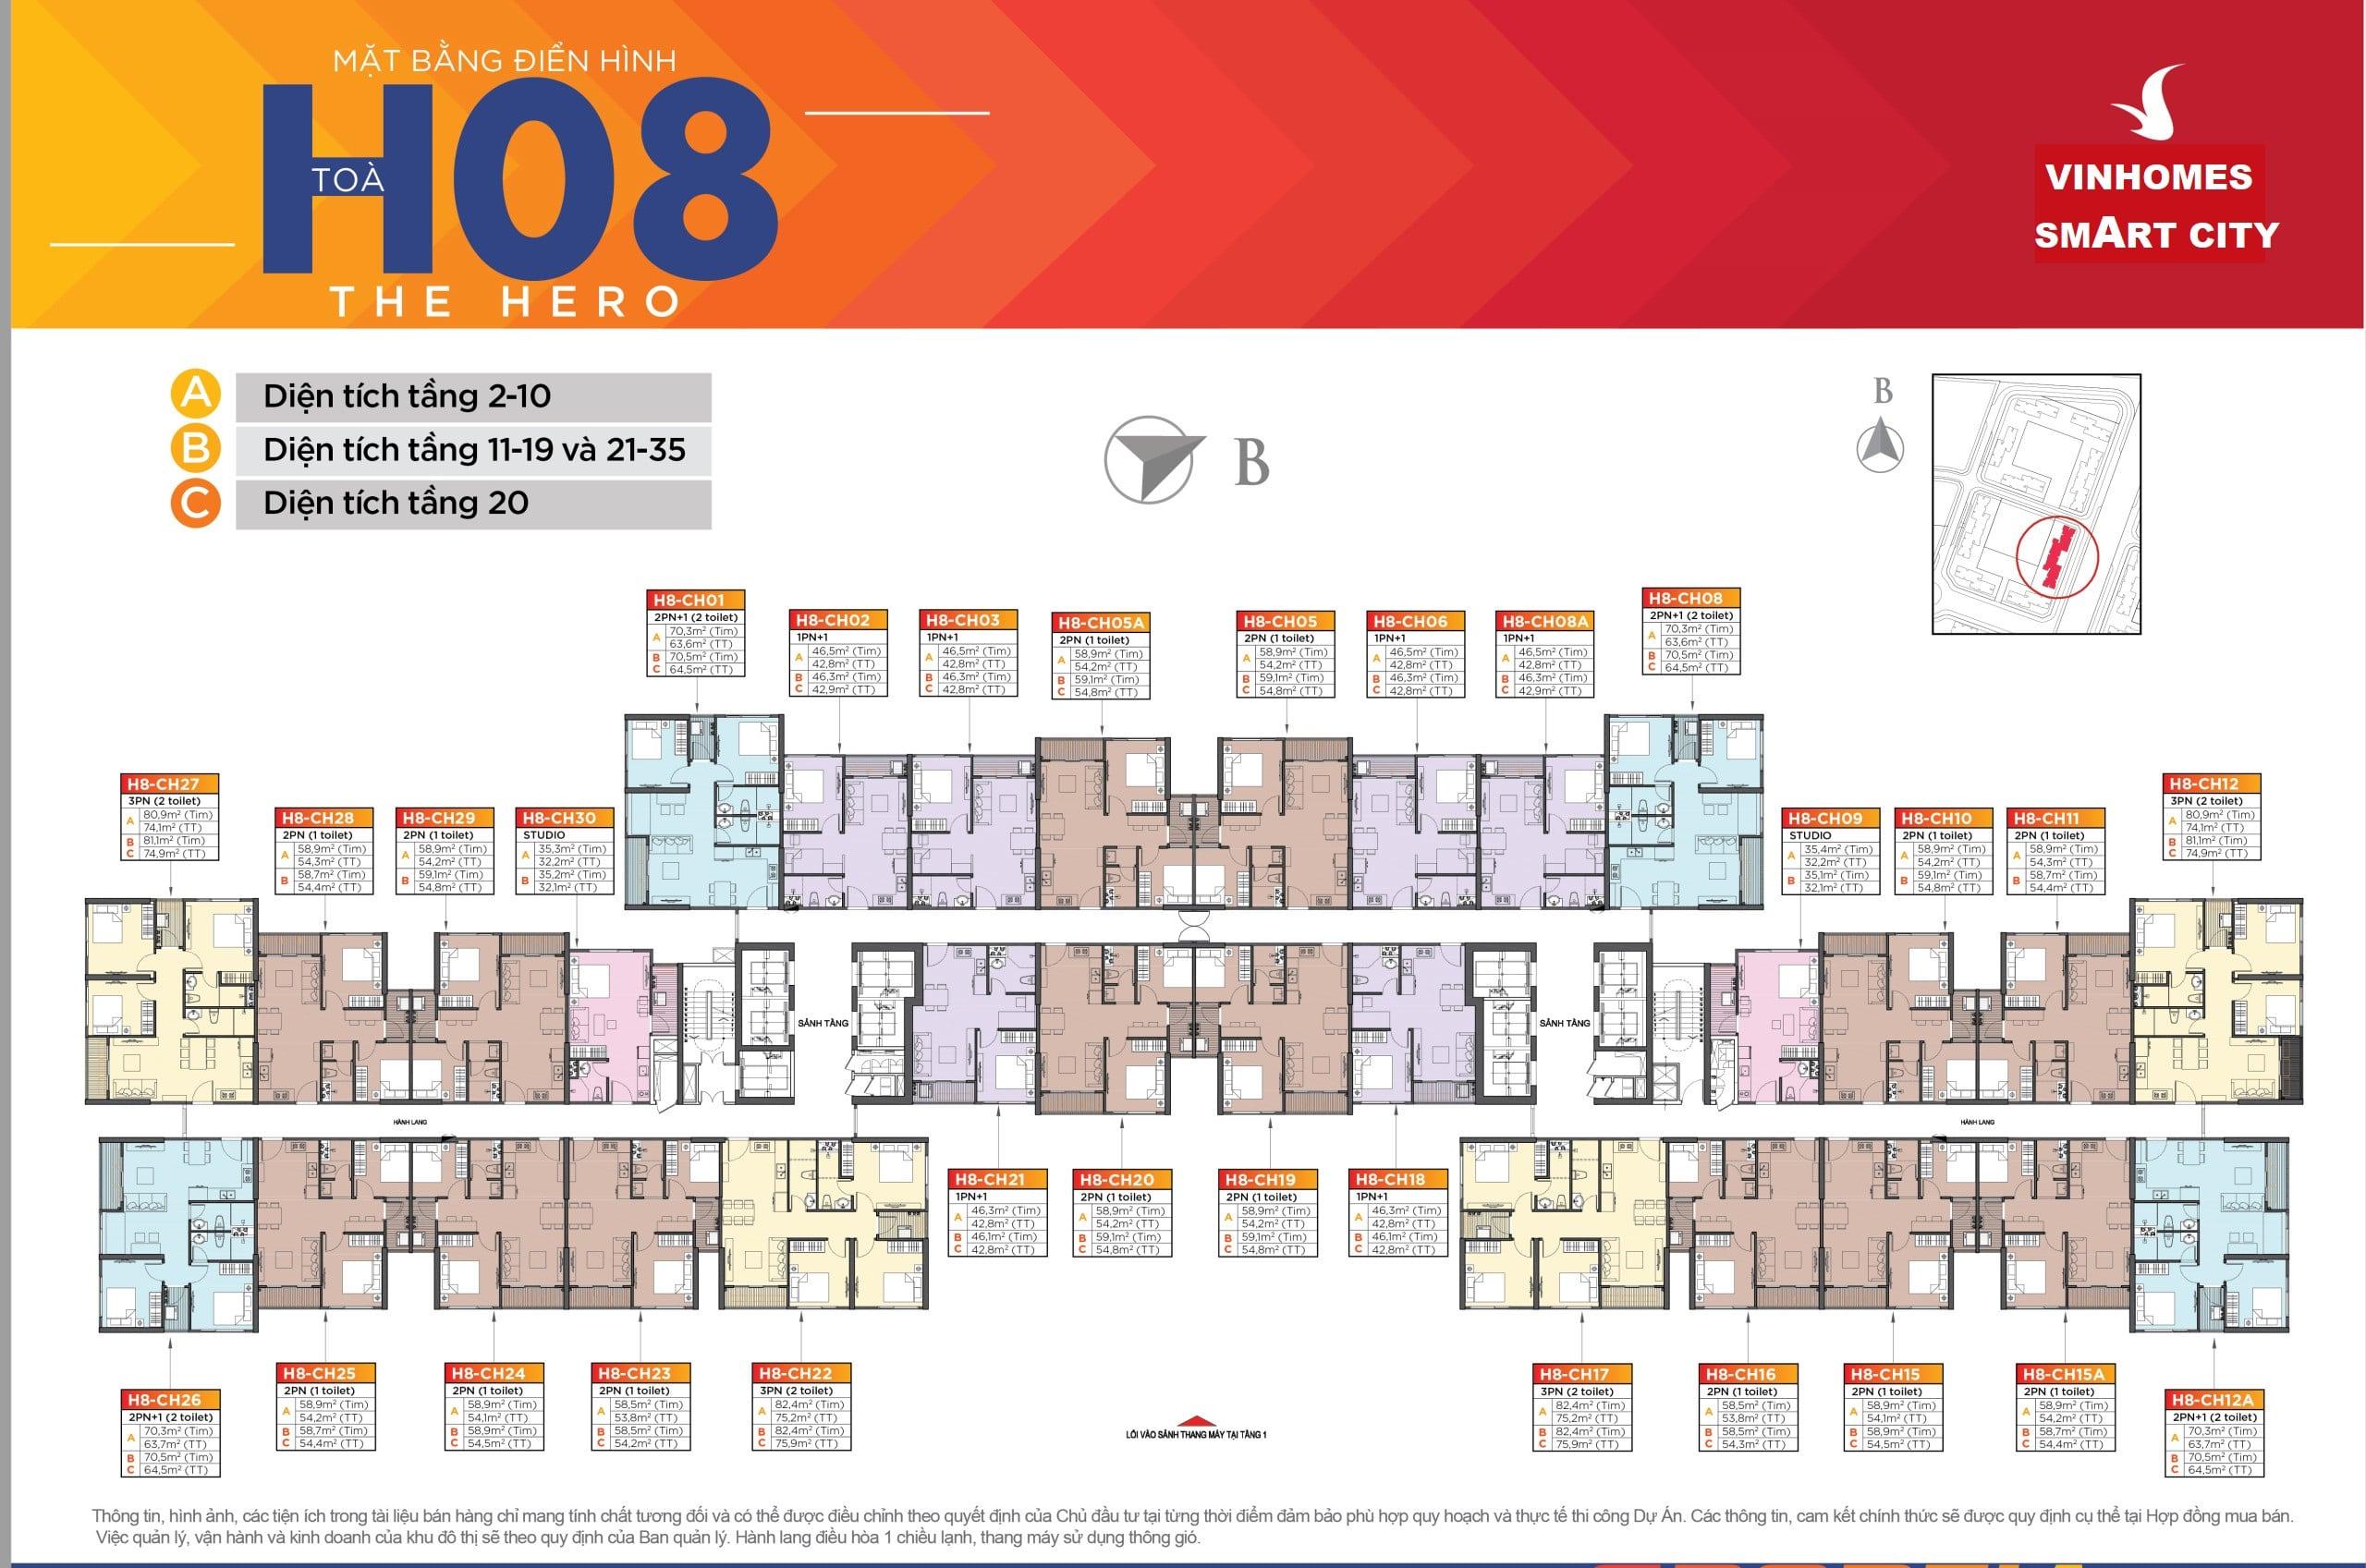 Dự án Vinhomes Smart City Tây Mỗ Đại Mỗ tòa H08